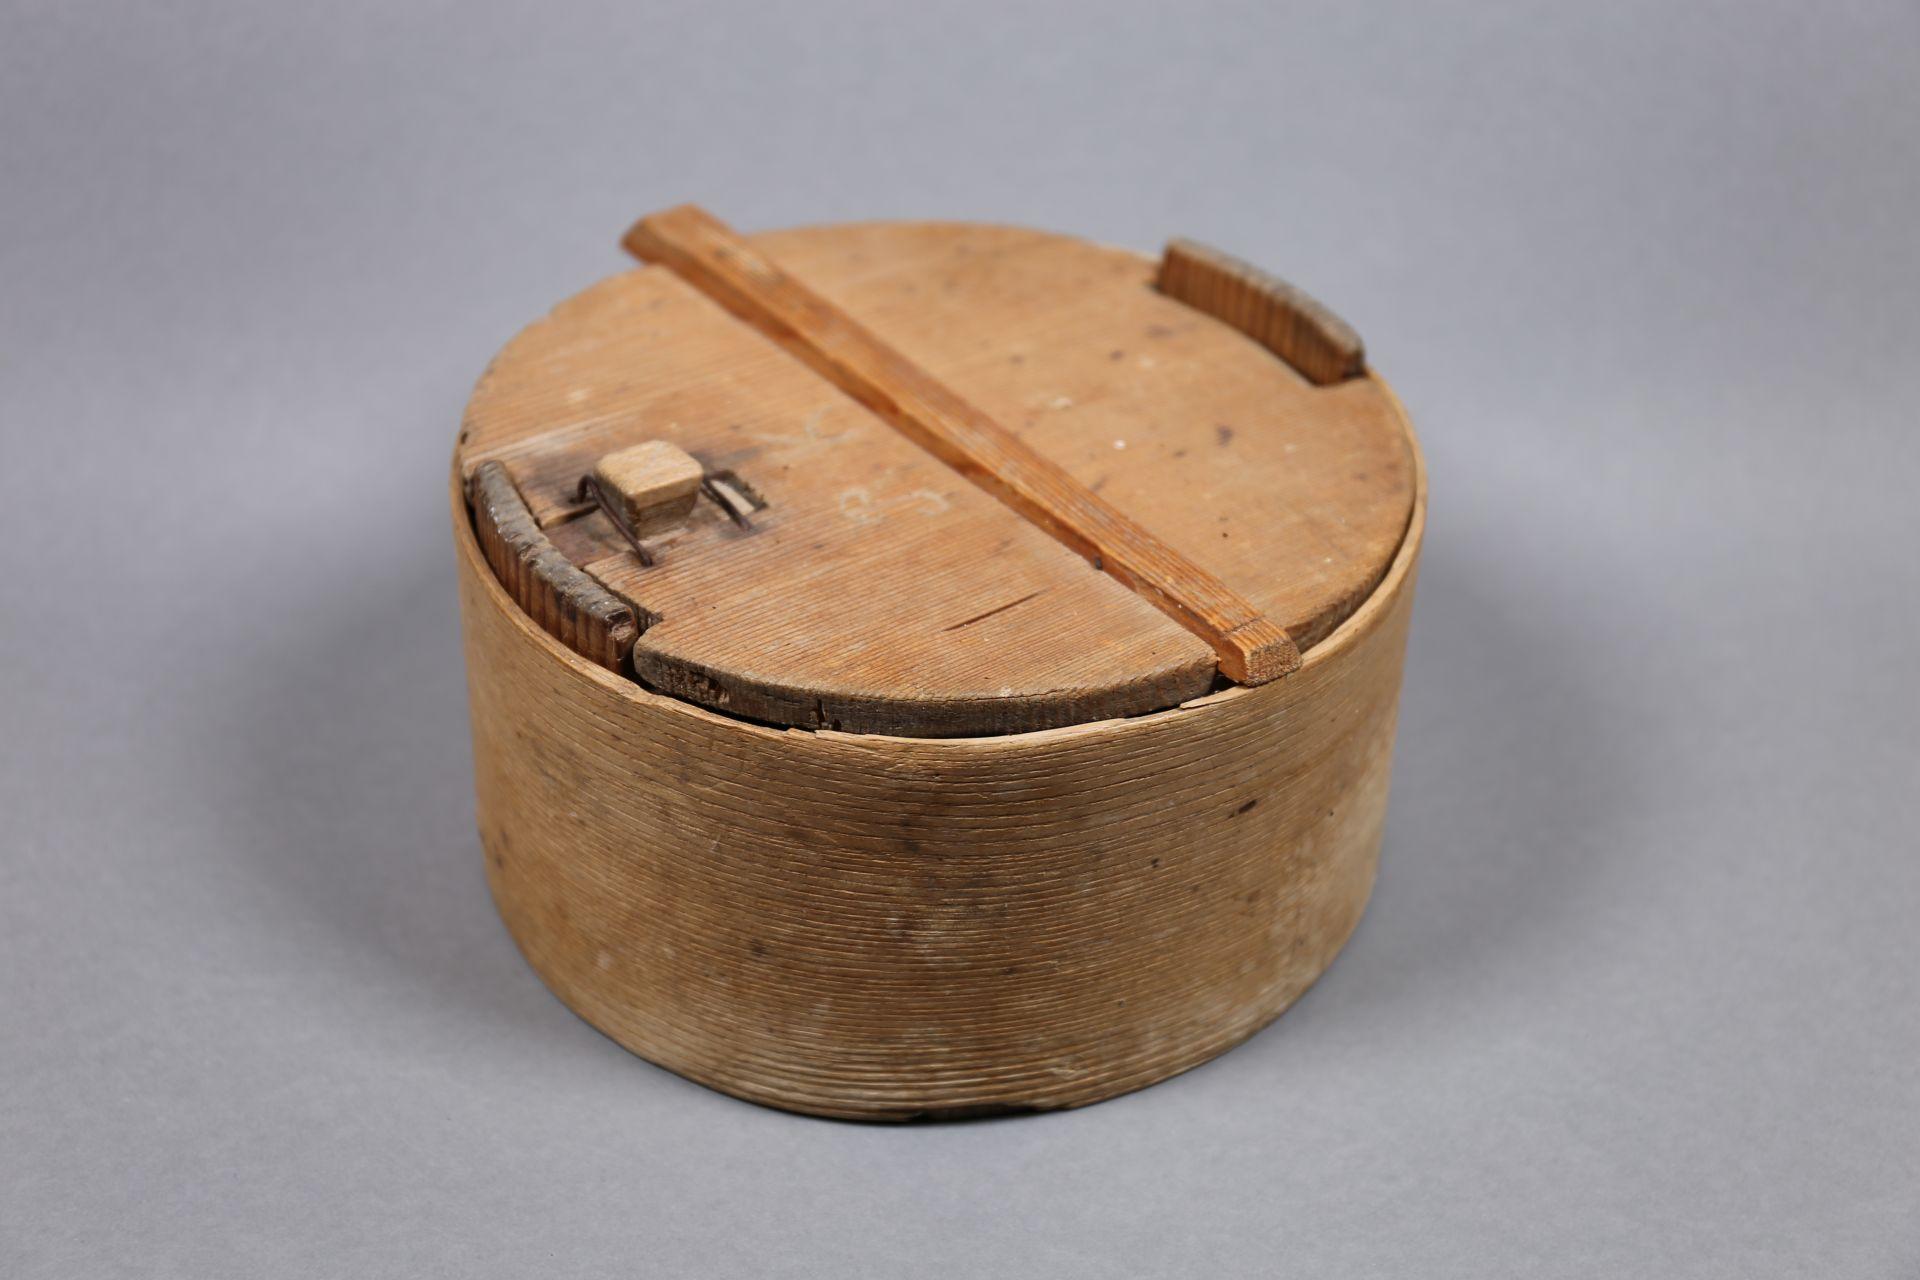 Schmalzbehälter (Spadel) von